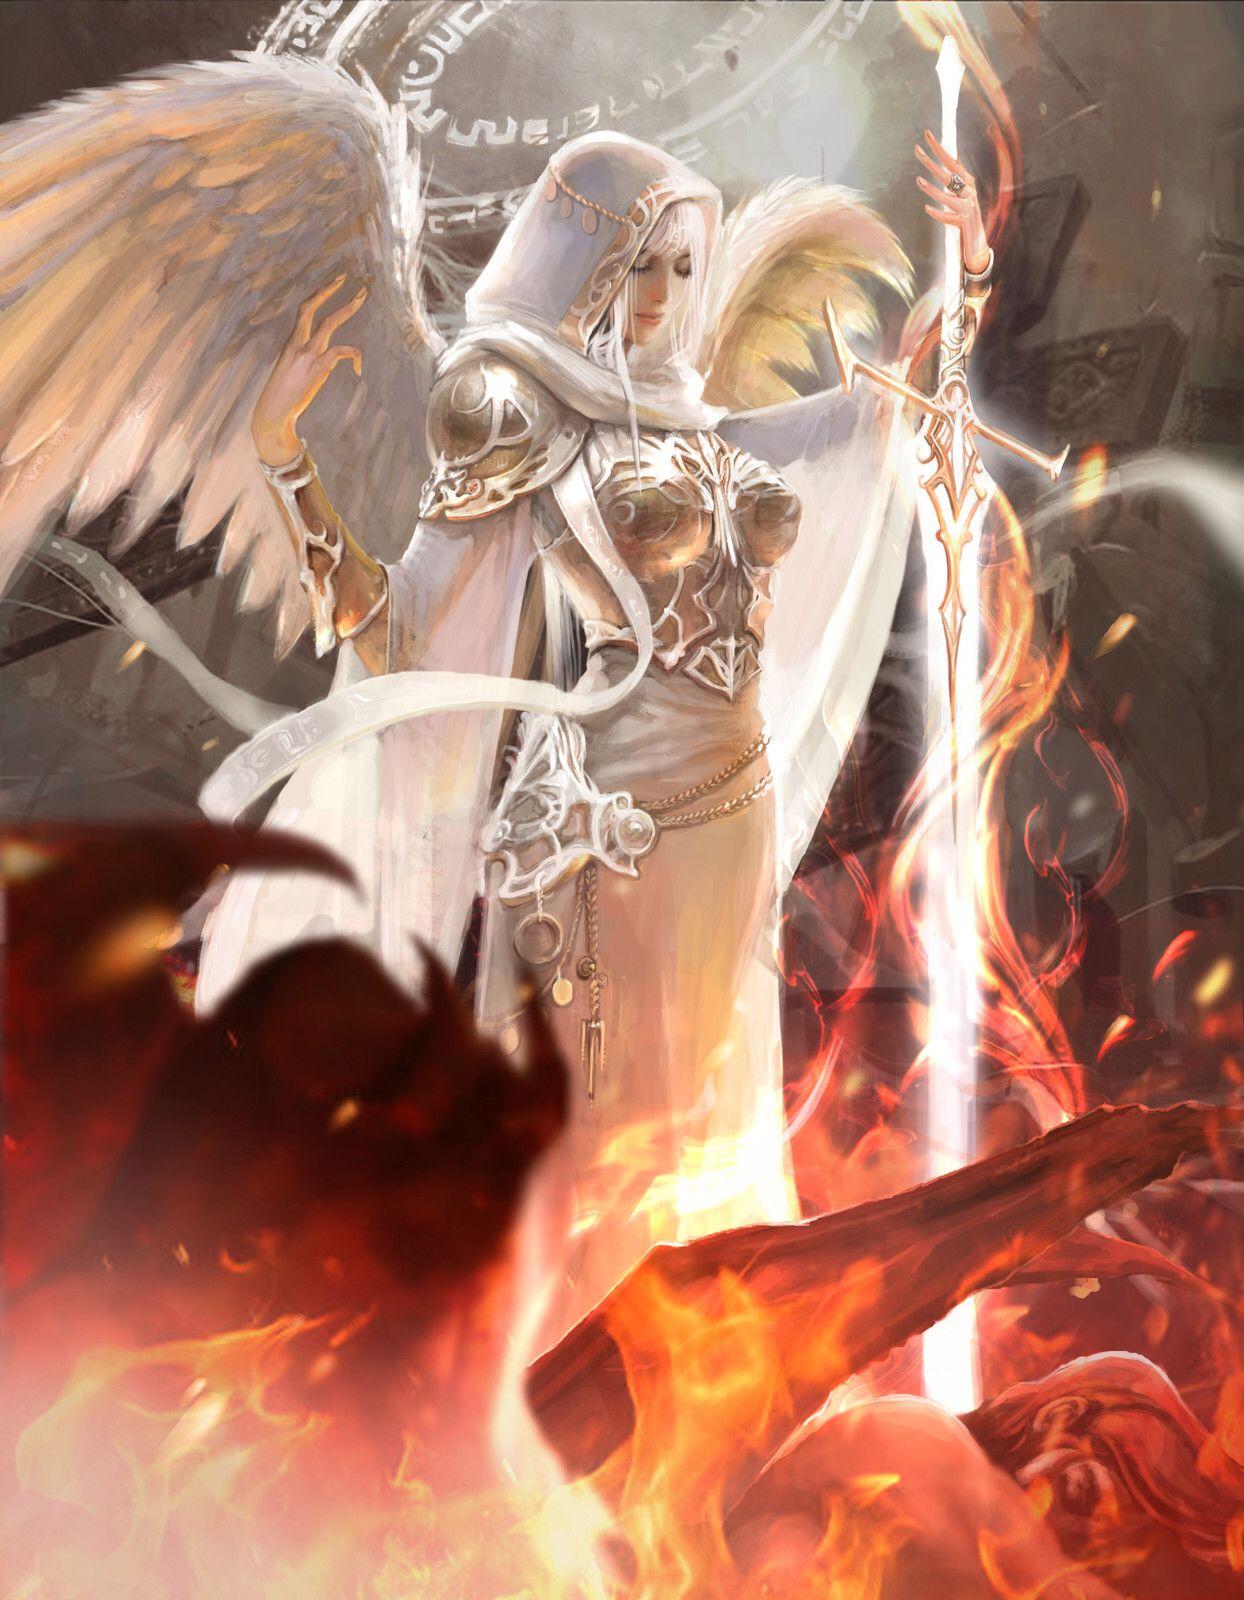 lana g | Fantasy art angels, Fantasy artwork, Fantasy art